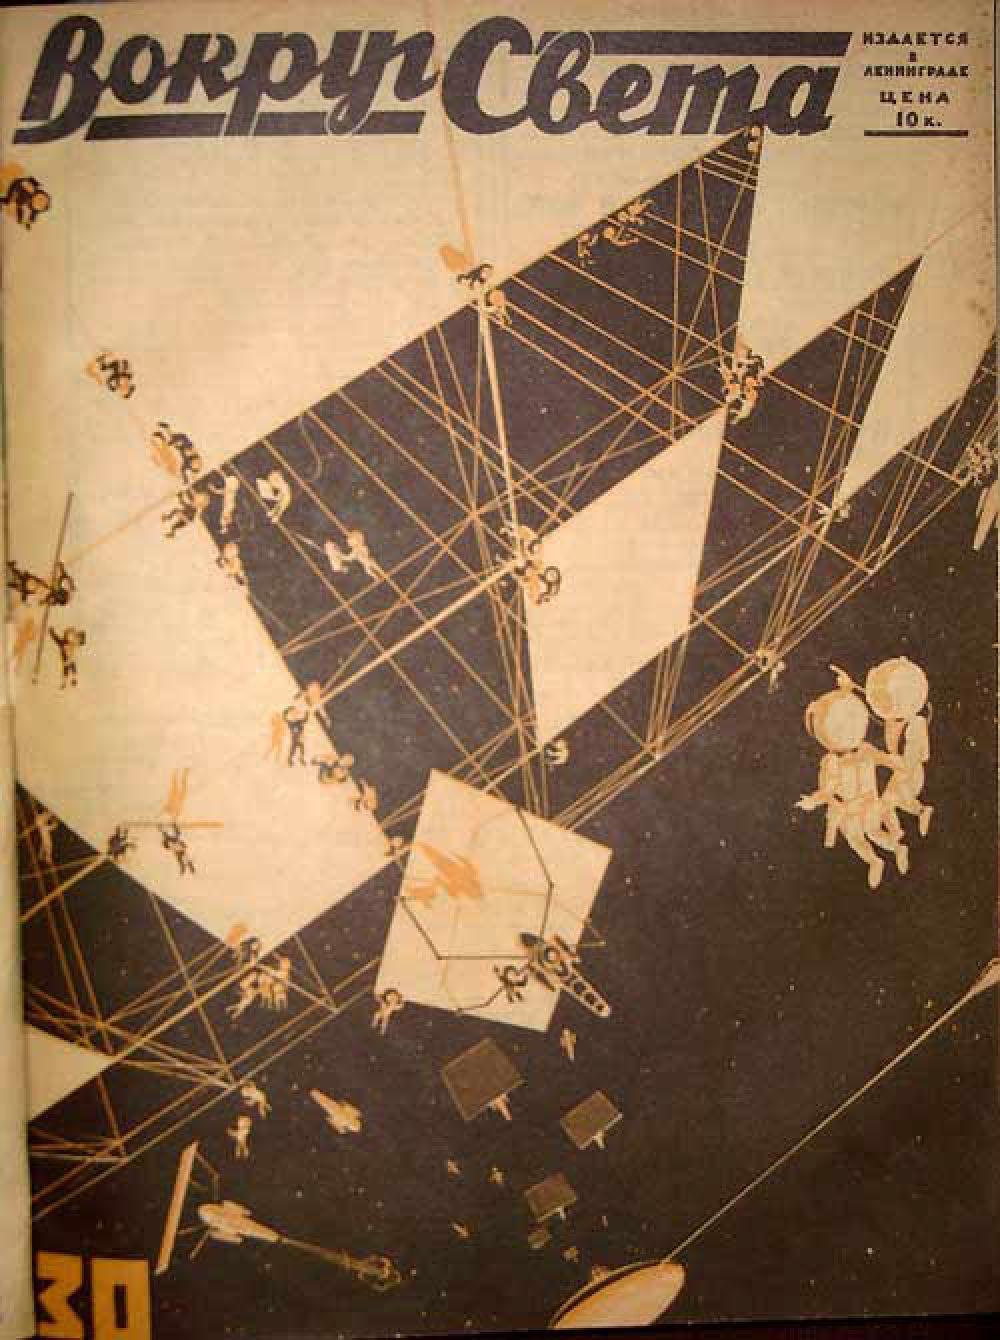 Журнал «Вокруг Света», 1930 год. «Вокруг света» является старейшим российским научно-популярным журналом, первый номер был выпущен в декабре 1860 года.